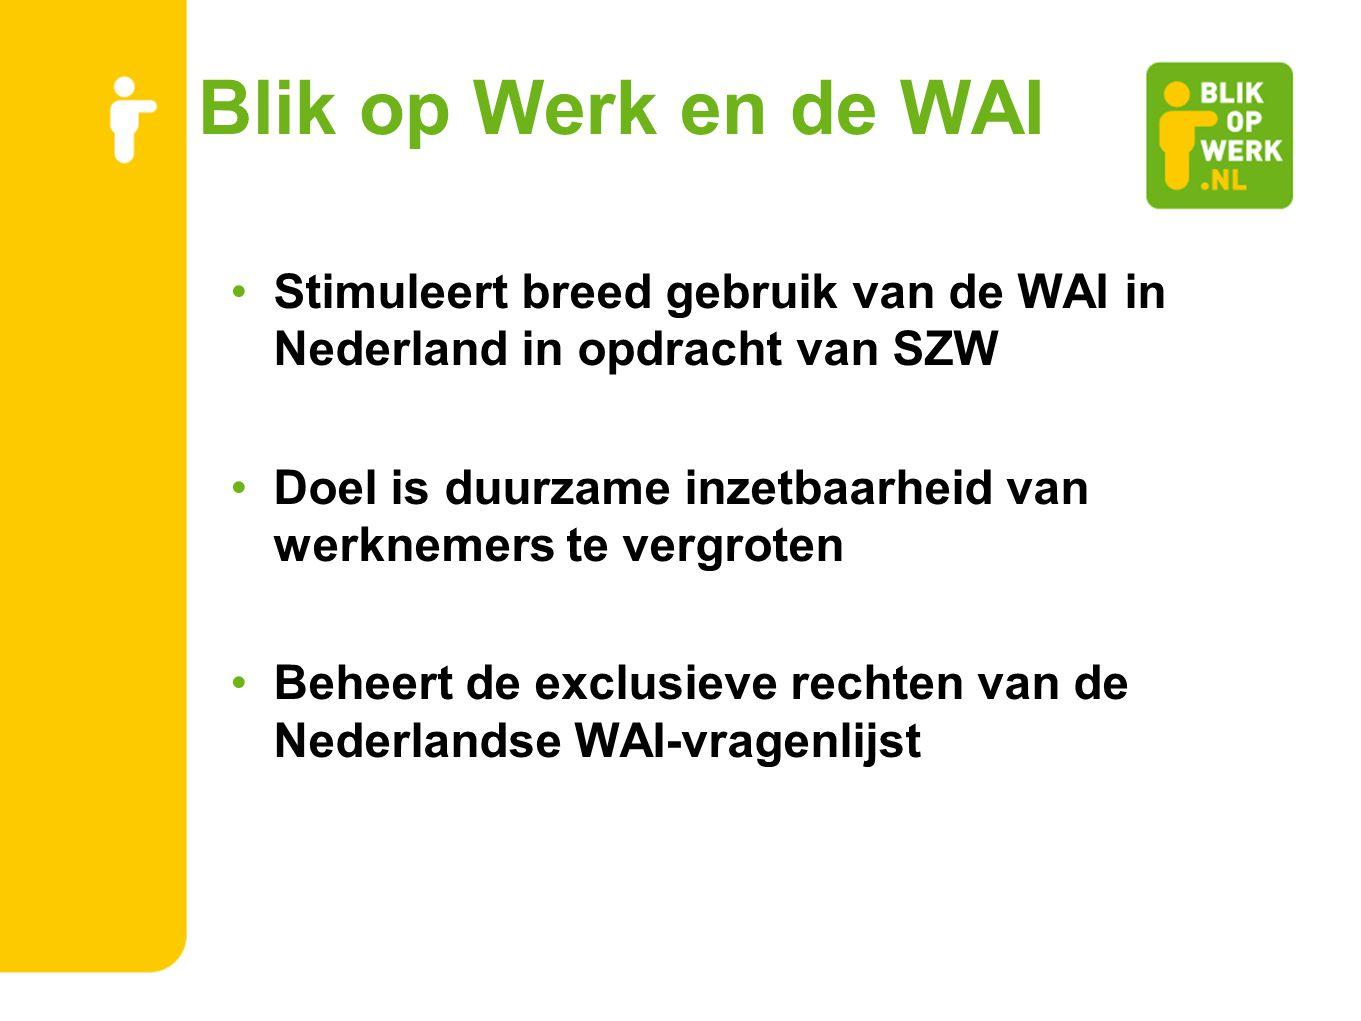 Blik op Werk en de WAI Stimuleert breed gebruik van de WAI in Nederland in opdracht van SZW.